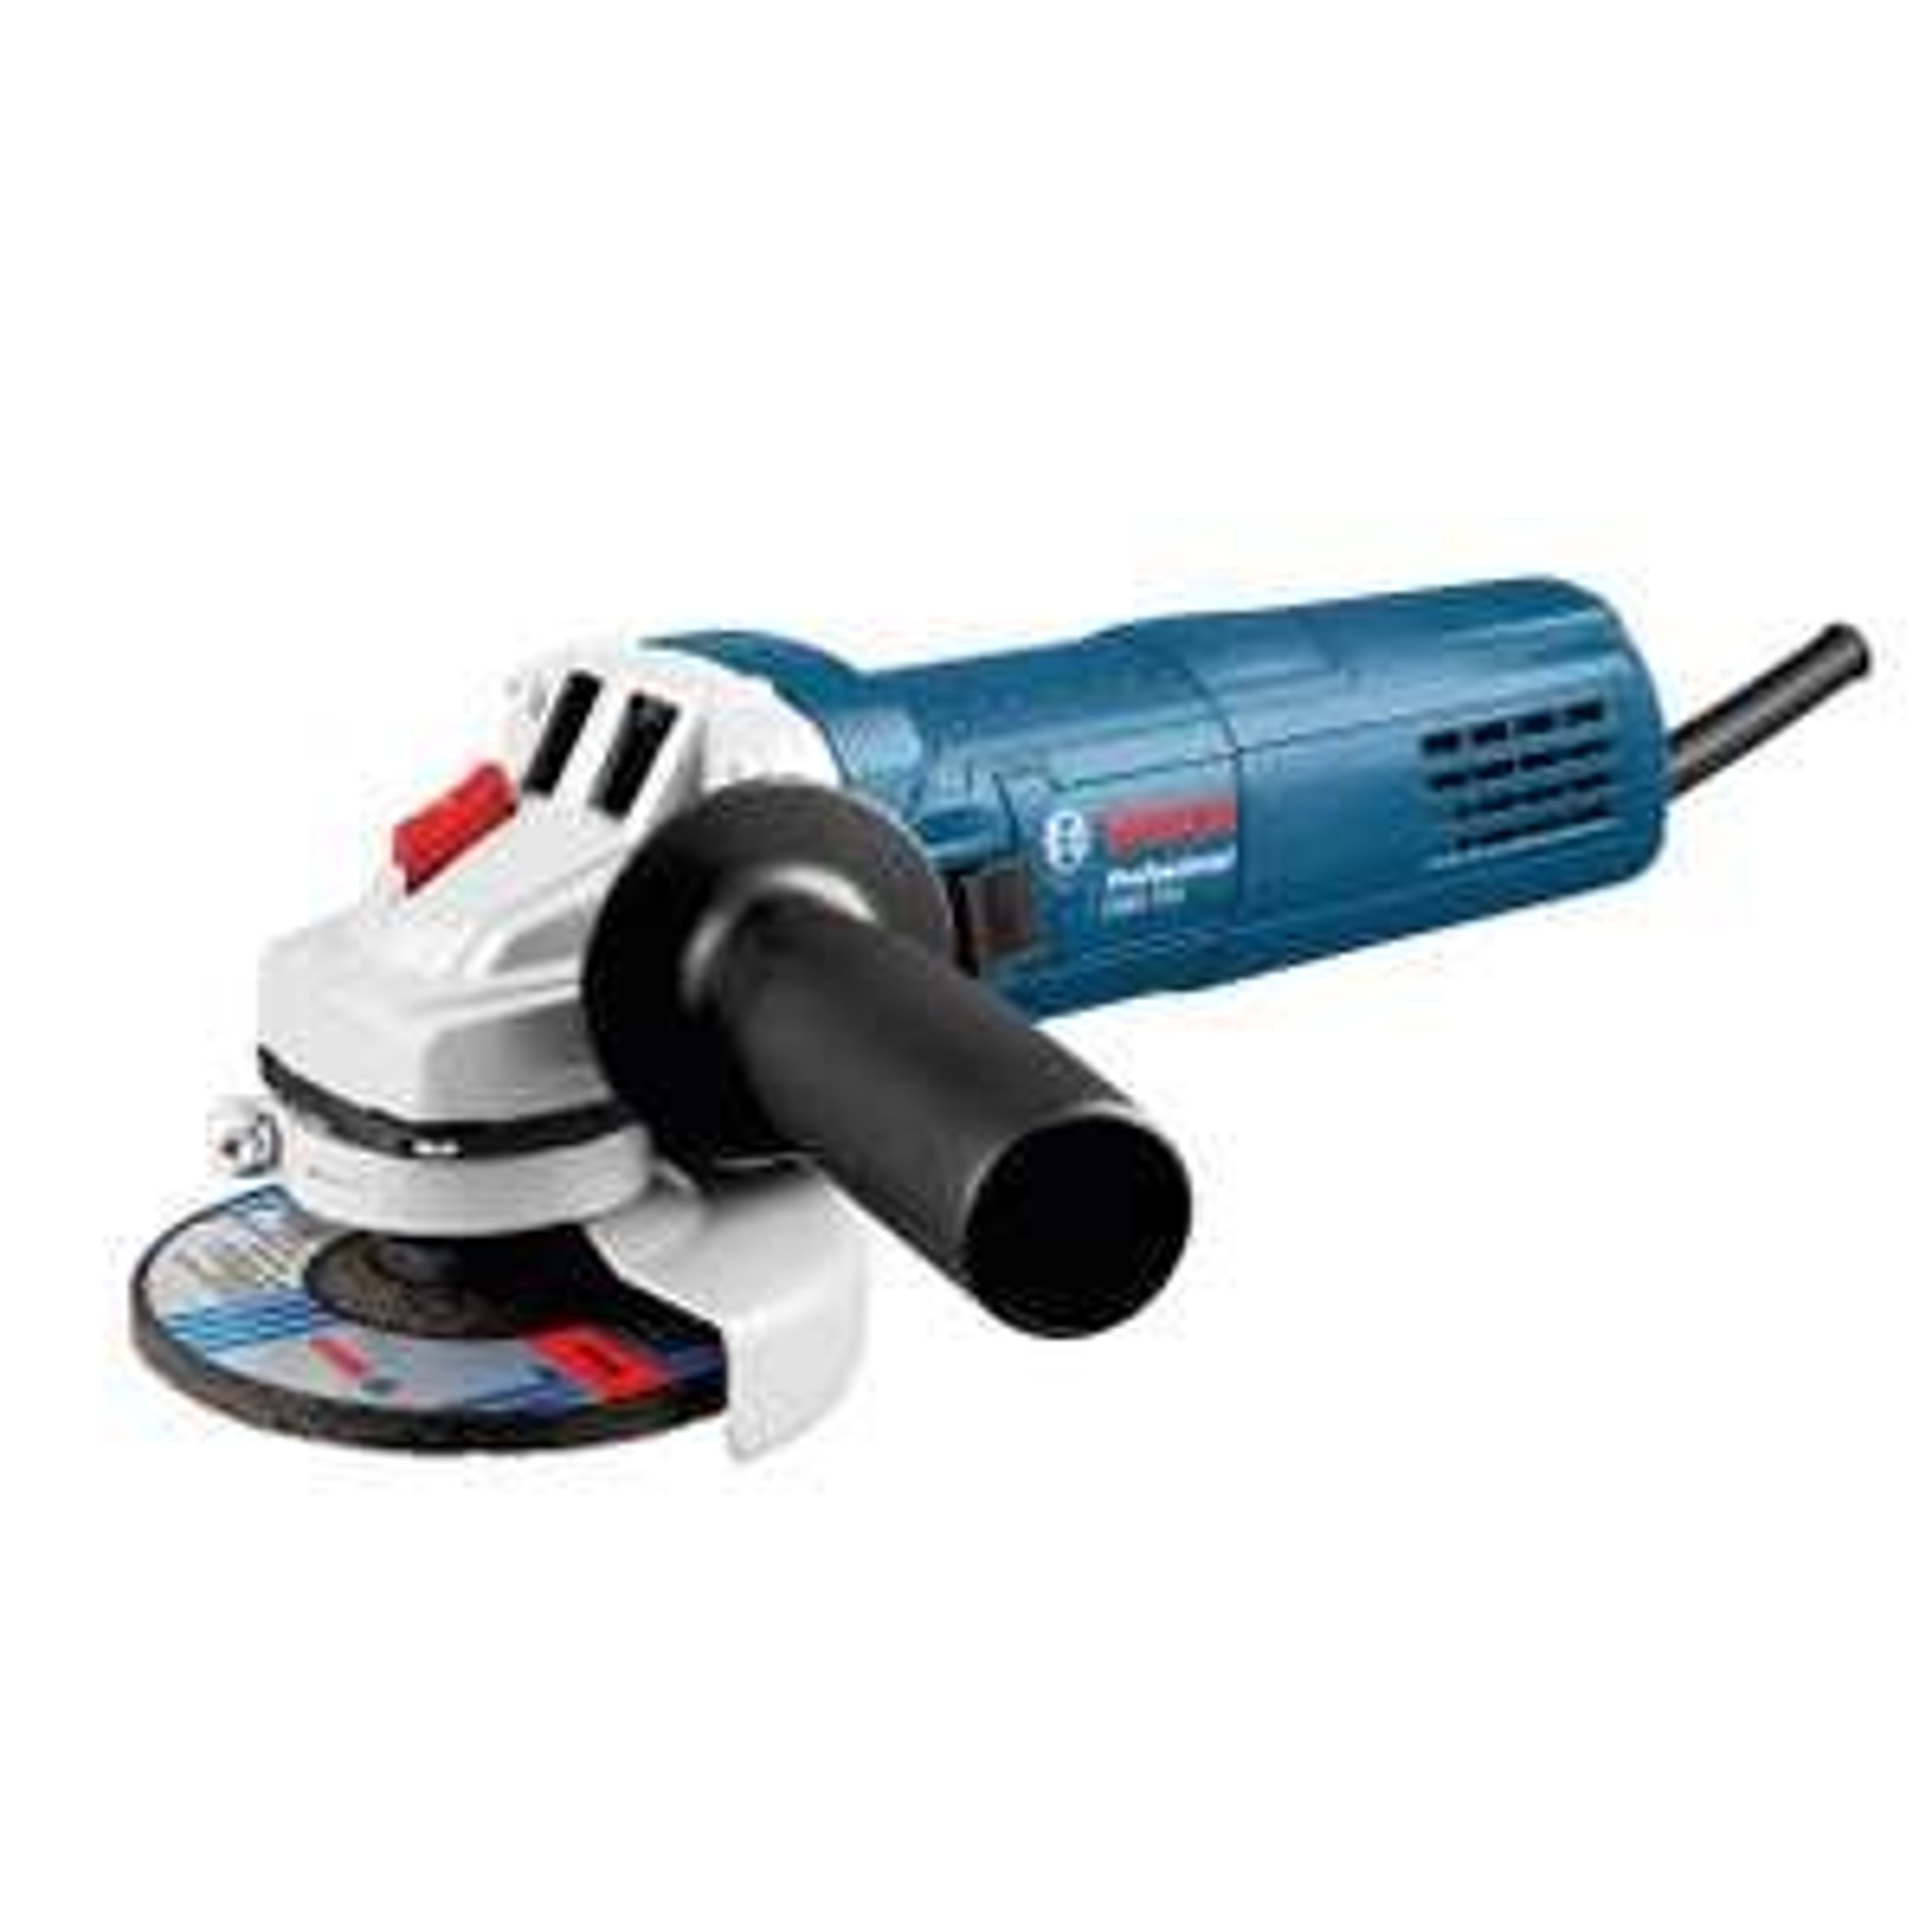 bosch angle grinder prof GWS 750-115 - £48 @ B&Q